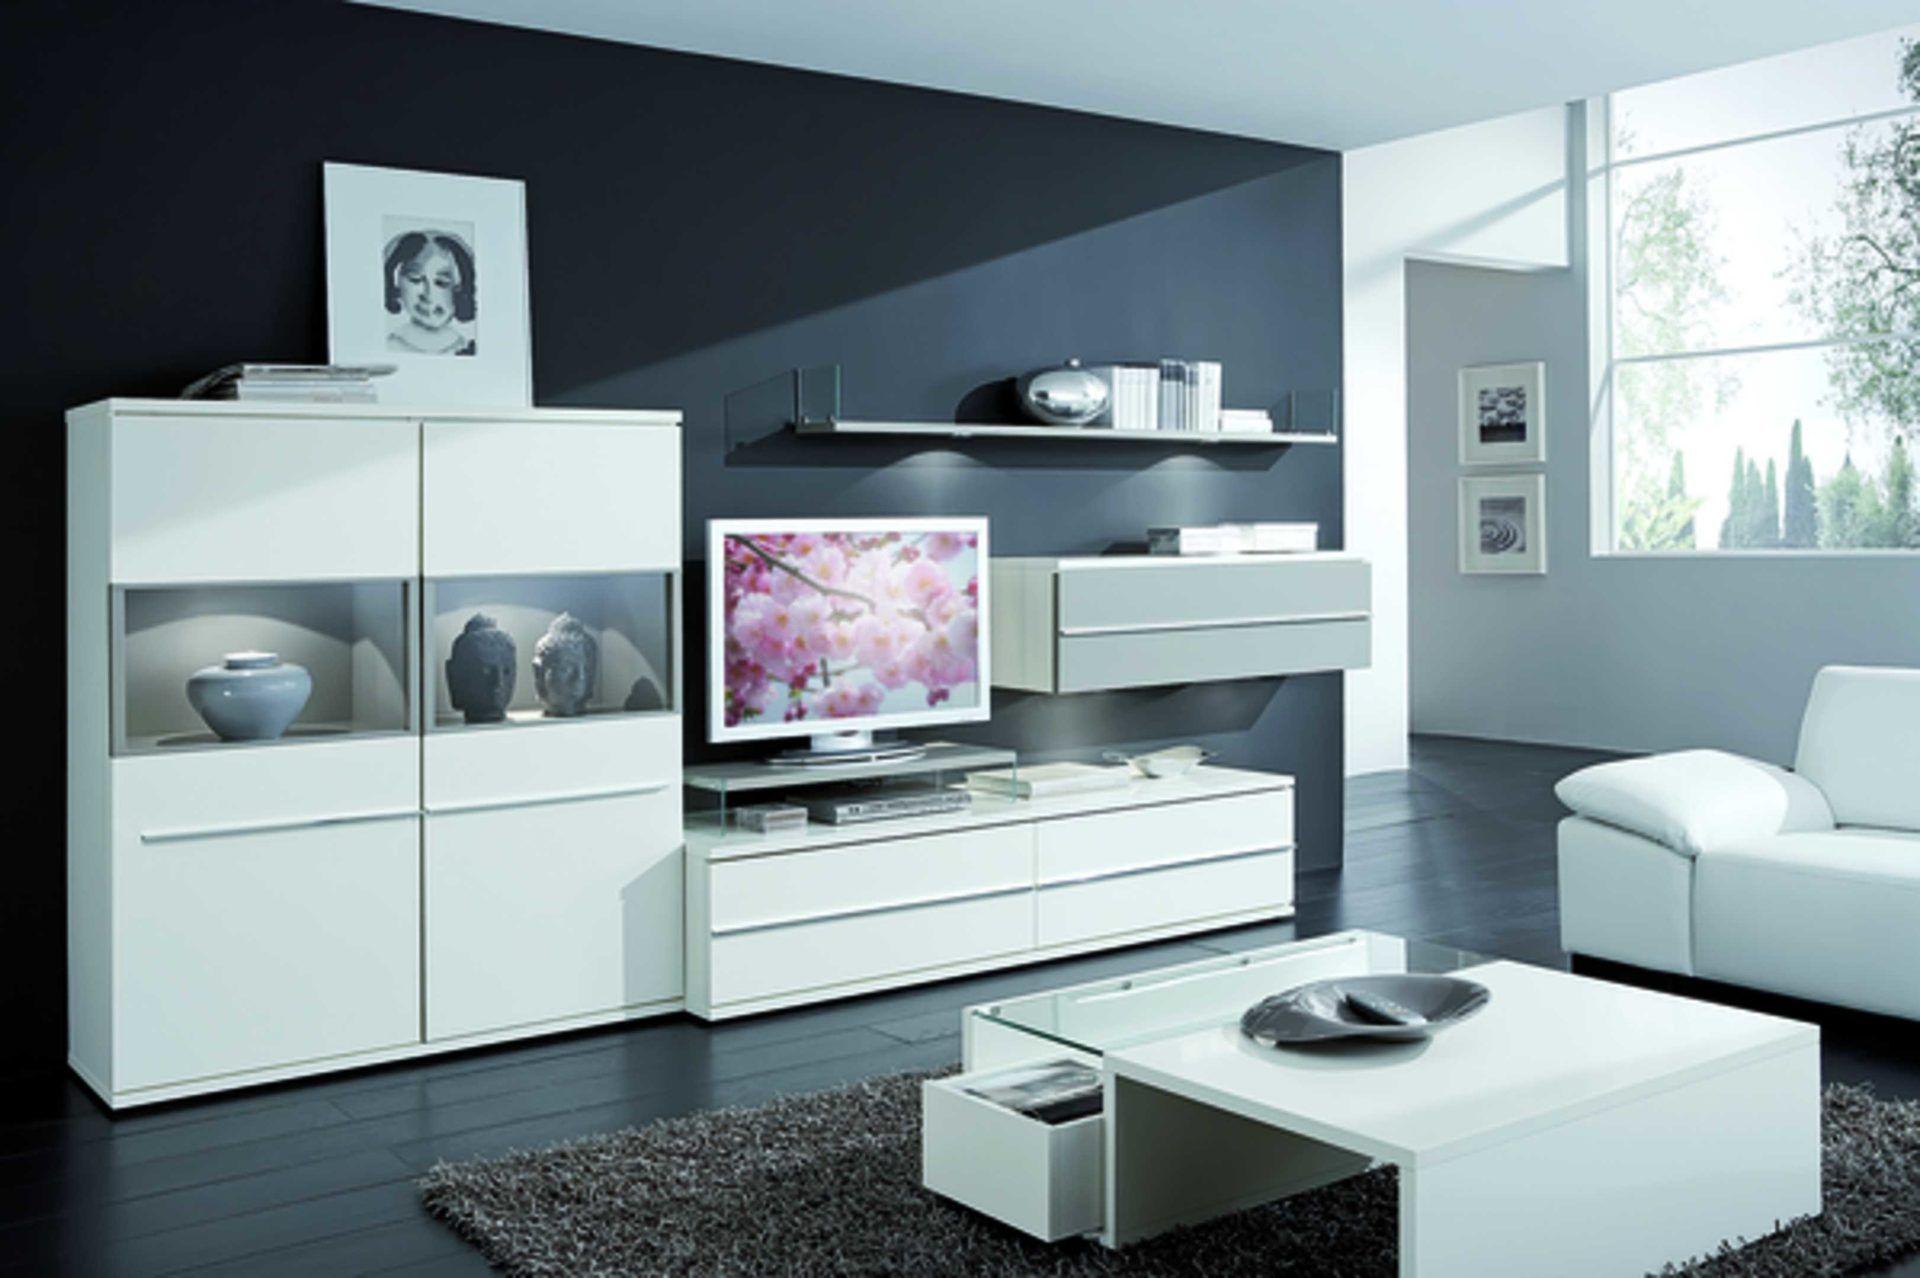 Diese Elegante Loddenkemper Wohnwand Aus Lack In Den Farben Weiss Und Soft Grau Von Besteht